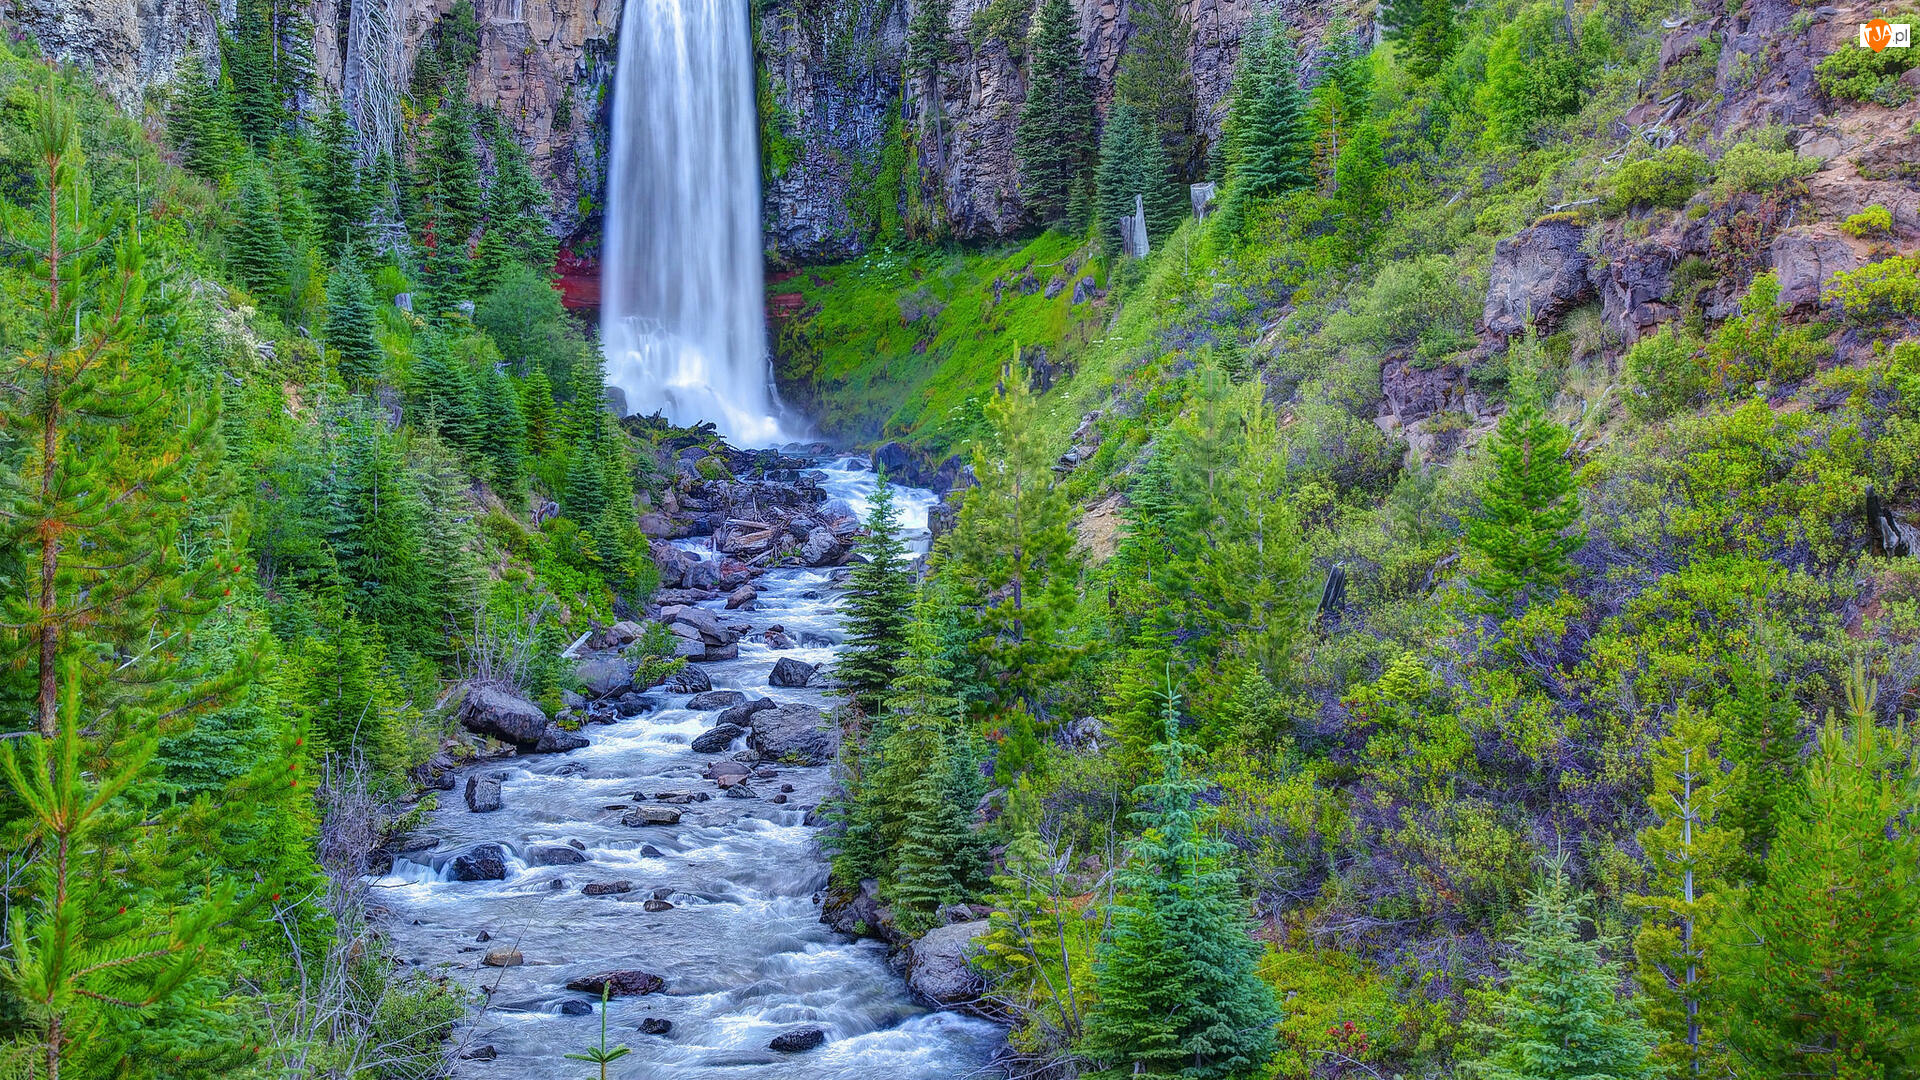 Stany Zjednoczone, Tumalo Falls, Stan Oregon, Drzewa, Las, Rzeka, Tumalo Creek, Wodospad, Skały